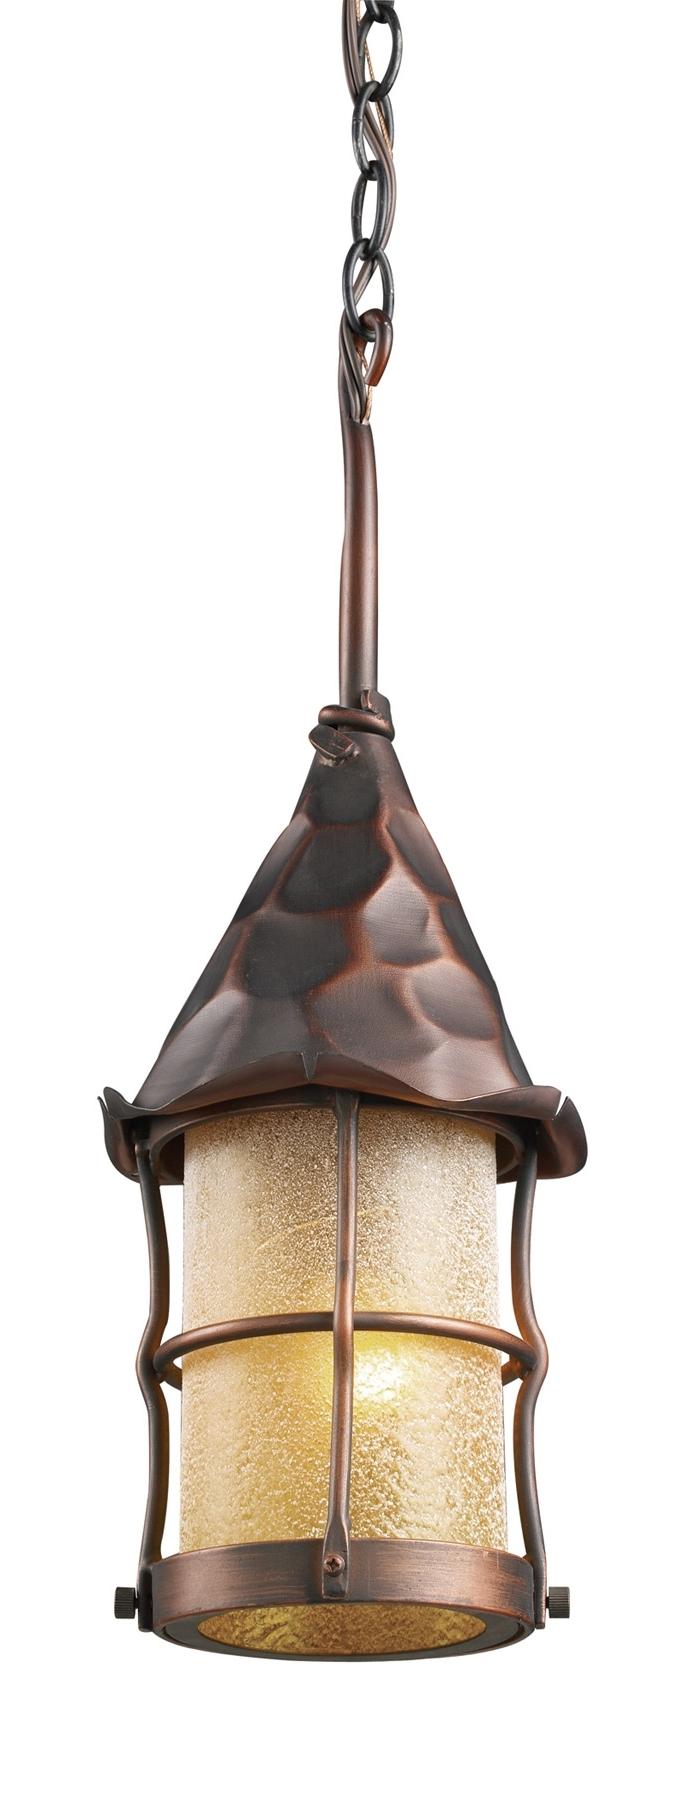 Favorite Outdoor Lanterns Lights In Elk Lighting 388 Ac Rustica Outdoor Hanging Lantern (View 6 of 20)